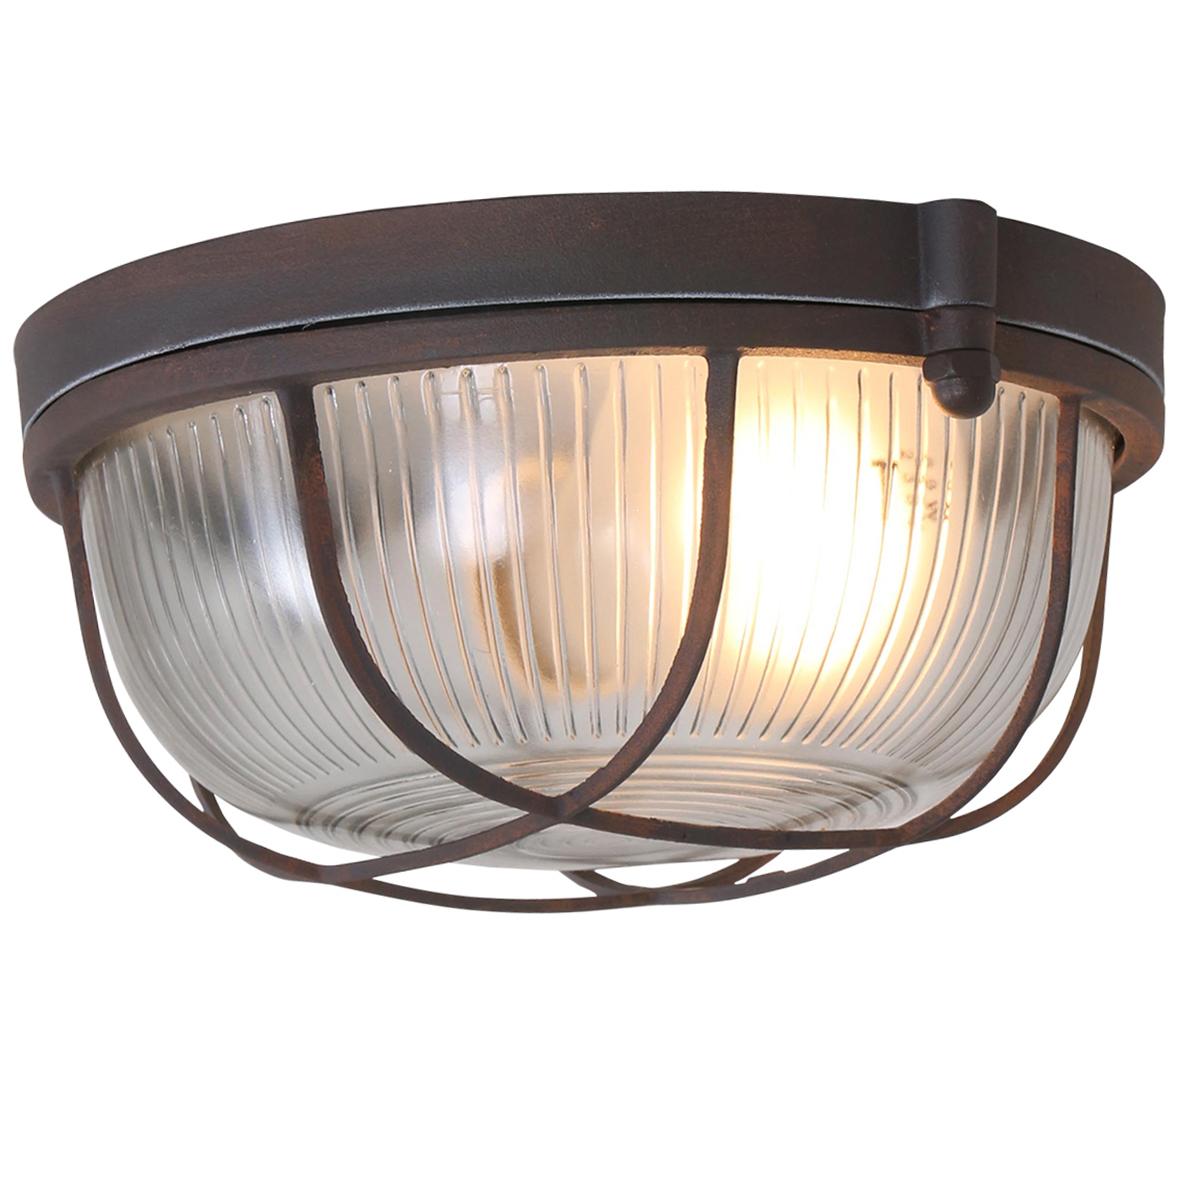 Dreilicht deckenleuchte mexlite grau 1314gr fabriklampe for Deckenleuchte braun